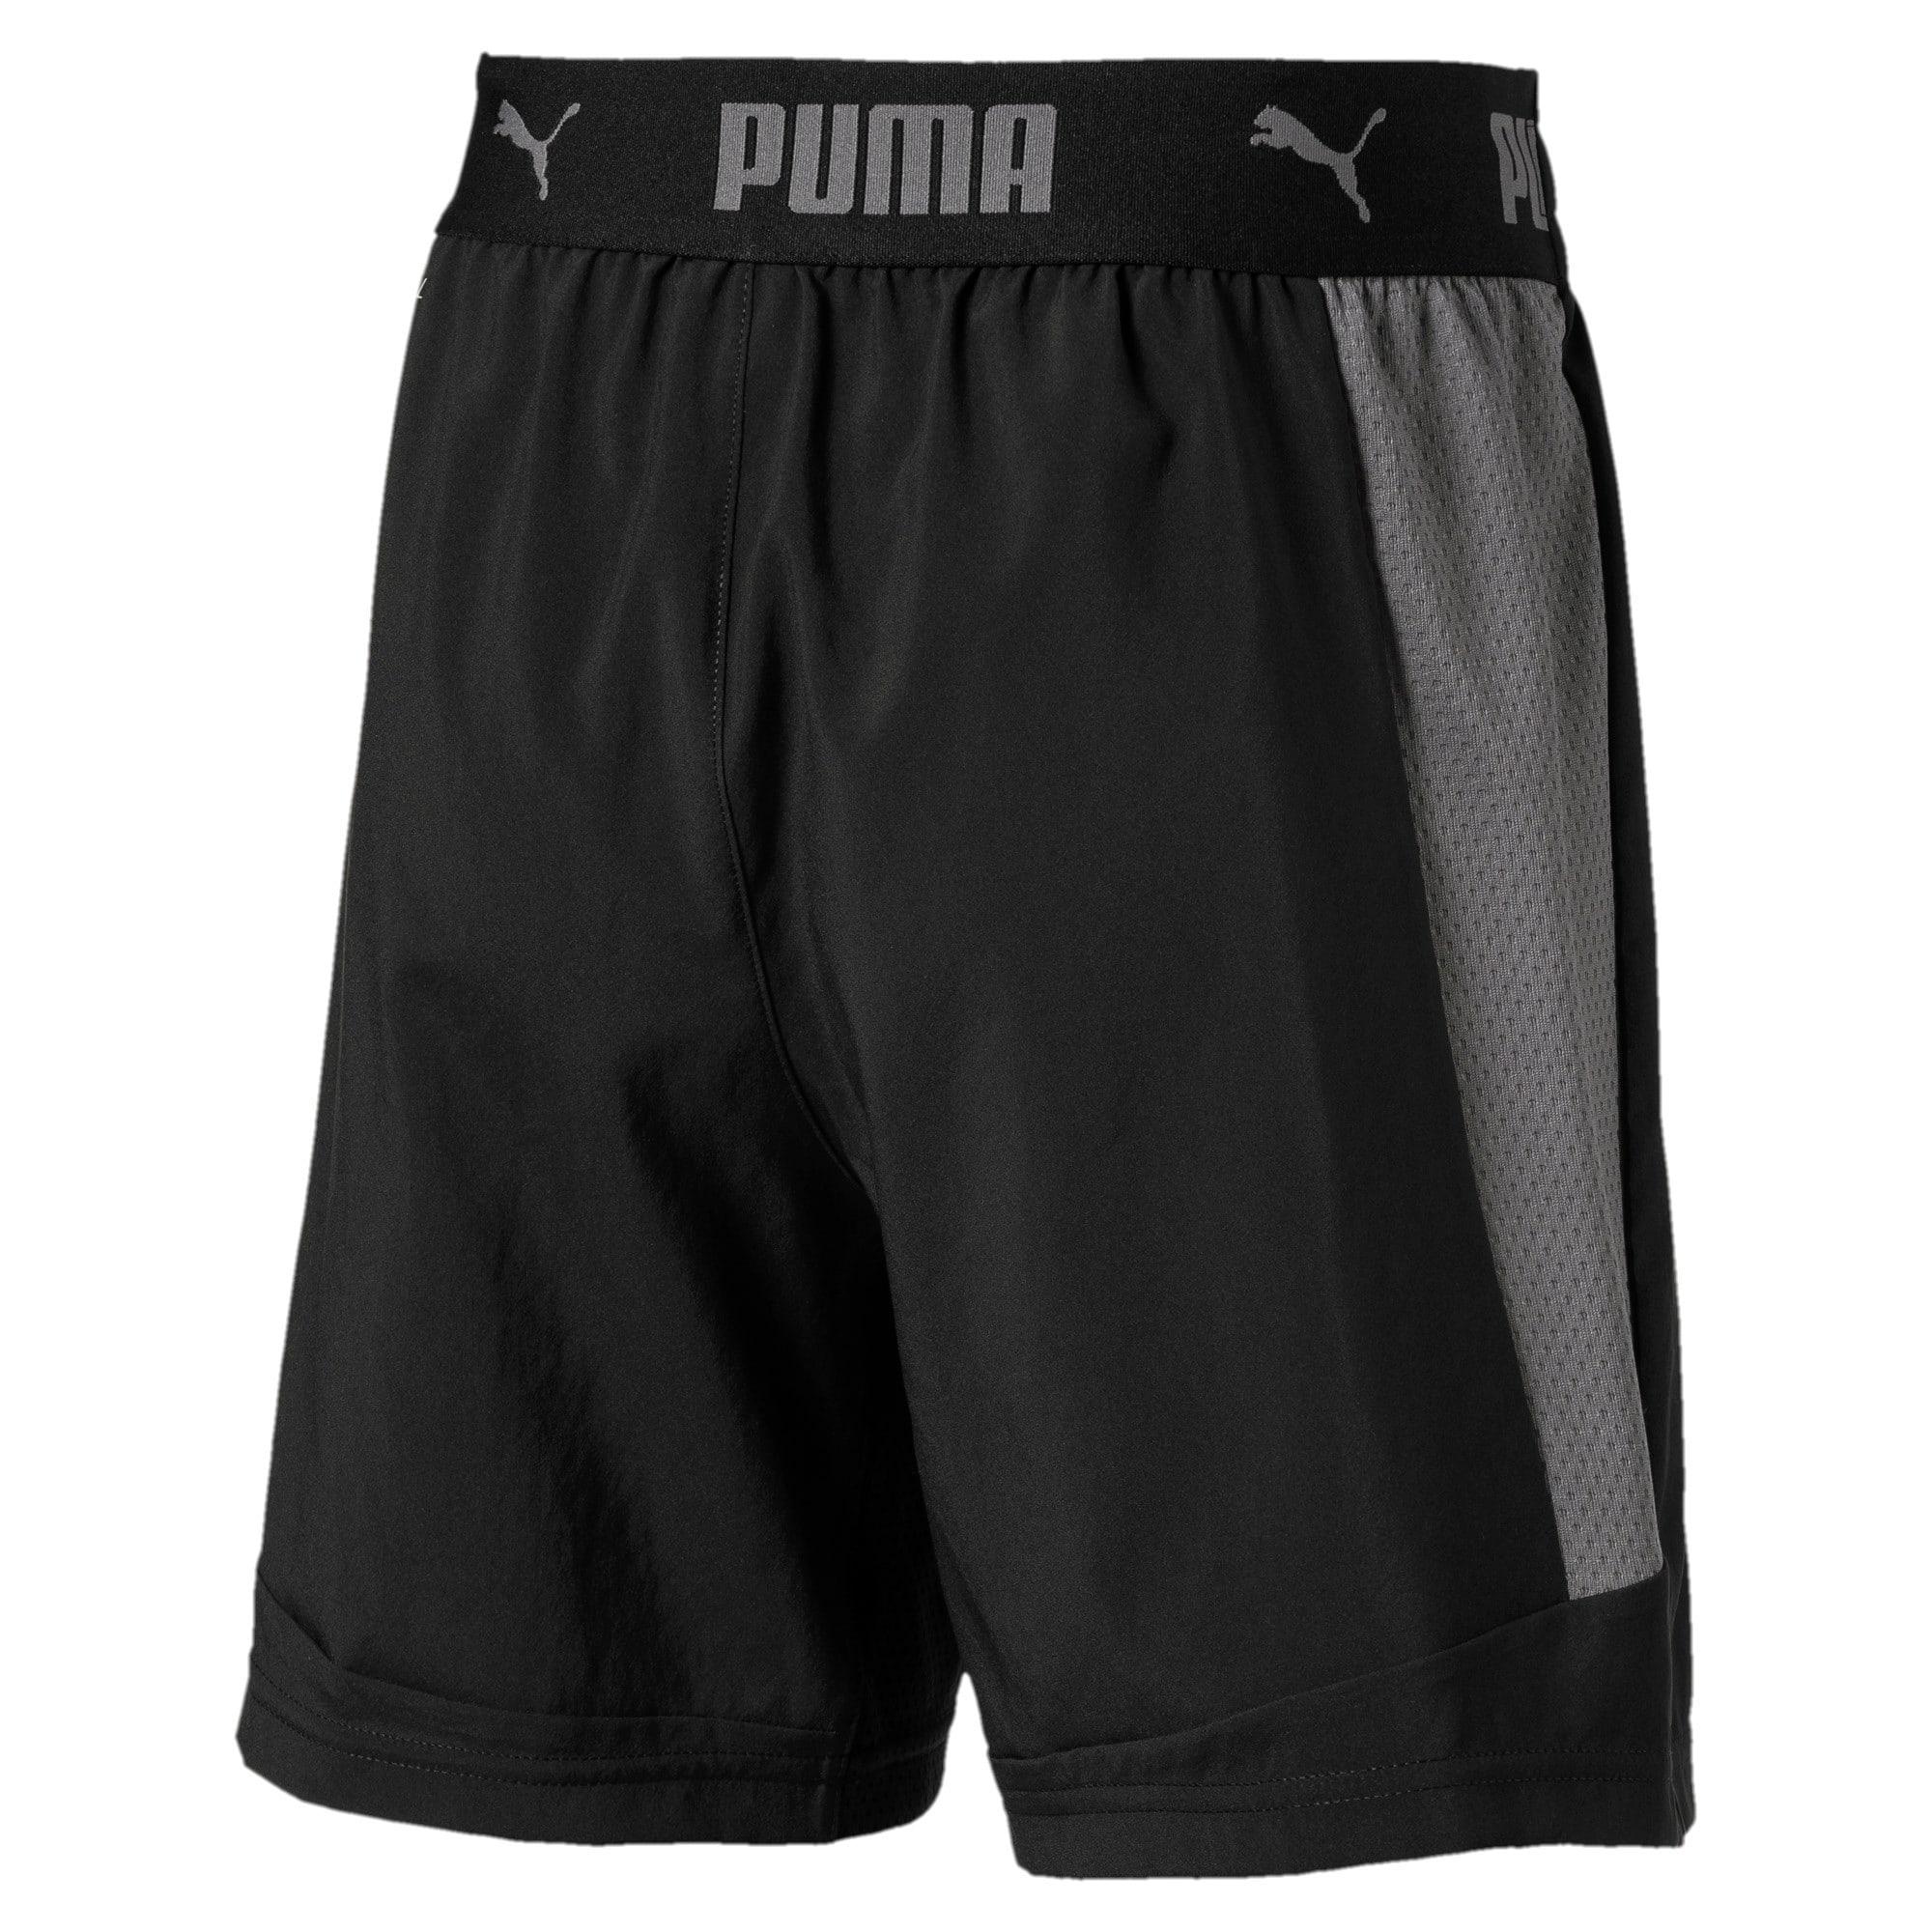 Thumbnail 1 of ftblNXT Woven Boys' Shorts, Puma Black, medium-IND